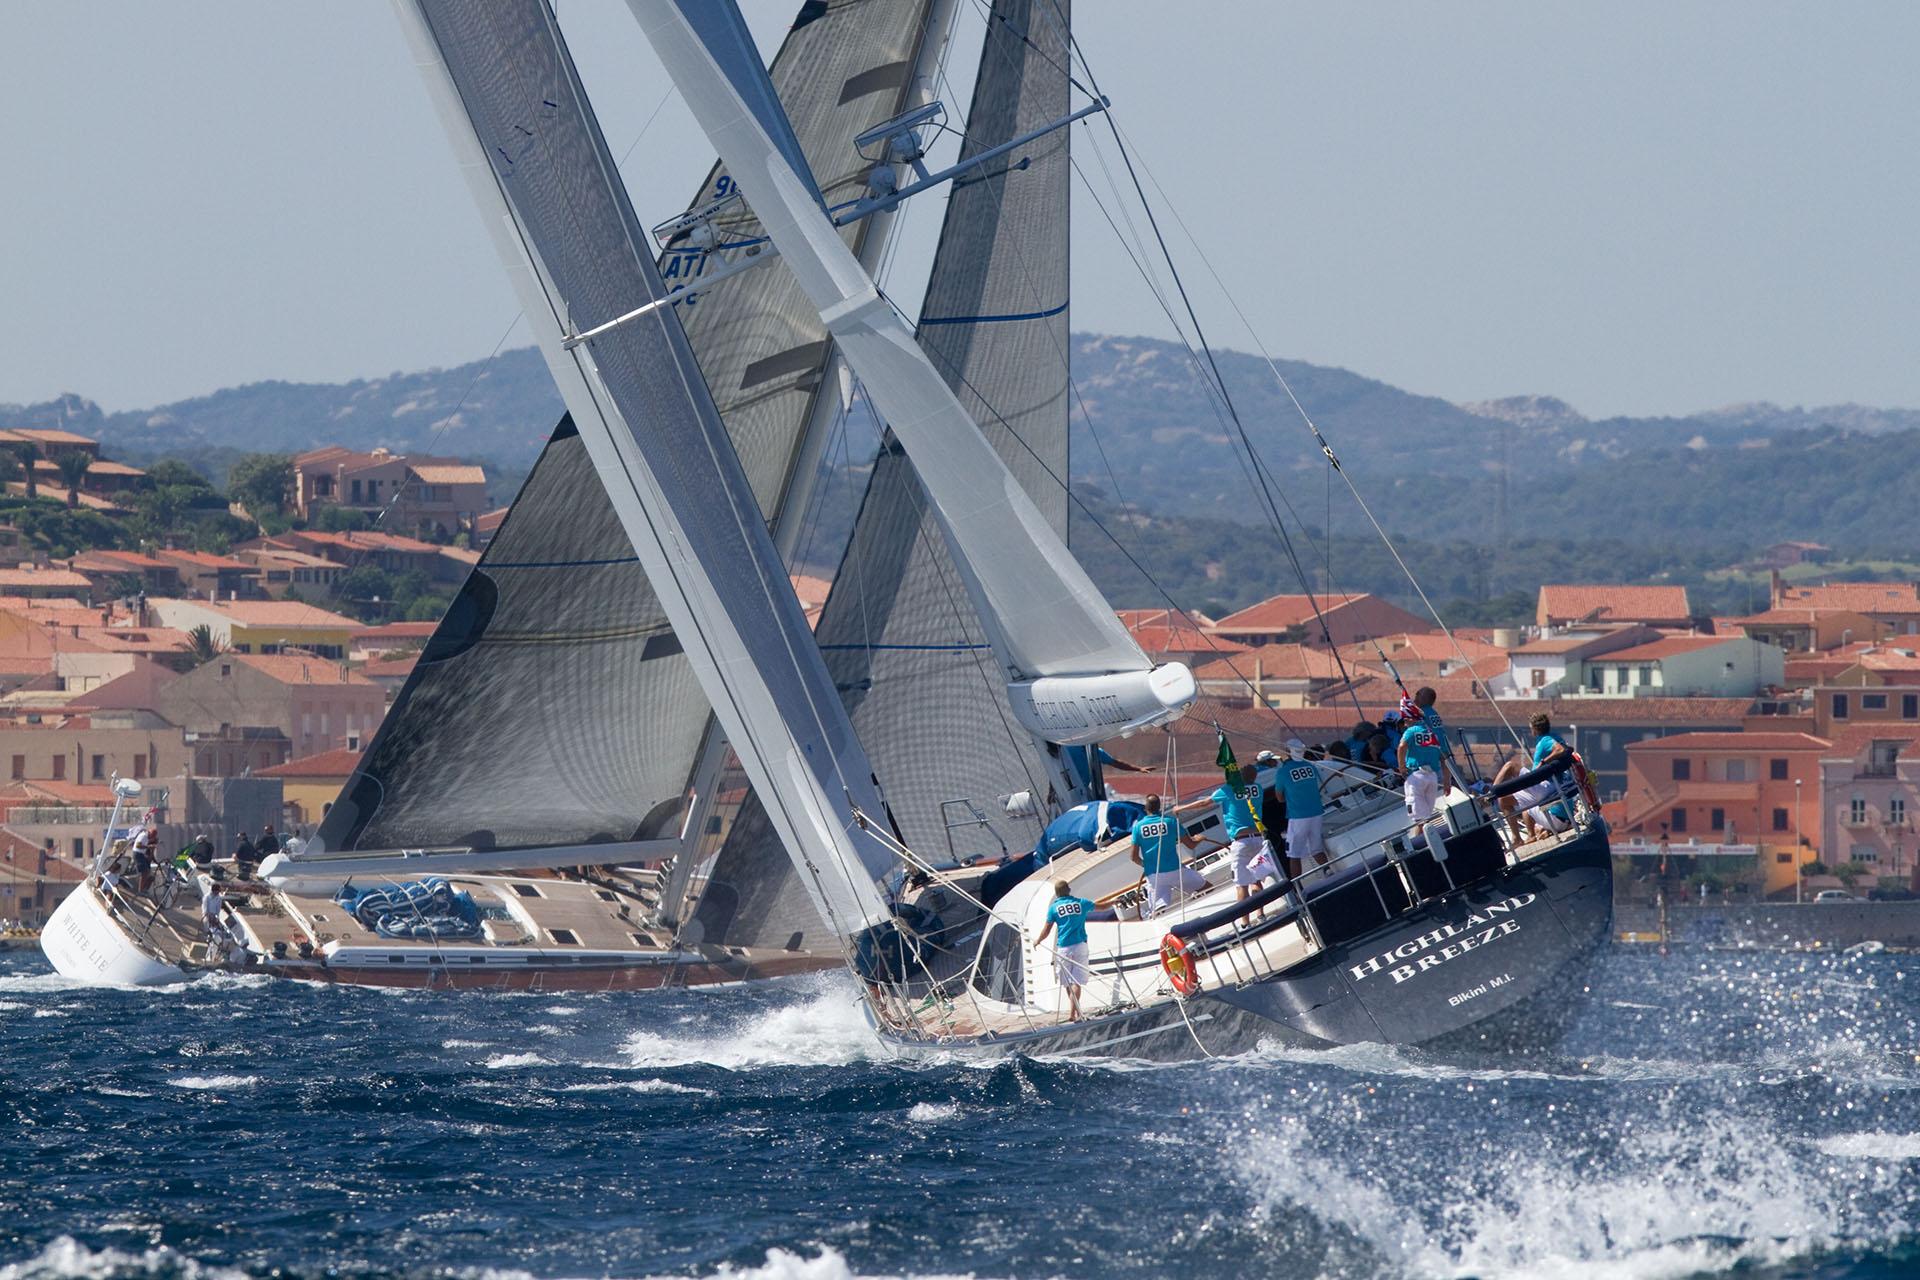 Maxi Yacht  Rolex Cup- Photo: © Andrea Pisapia /Spazio Orti 14